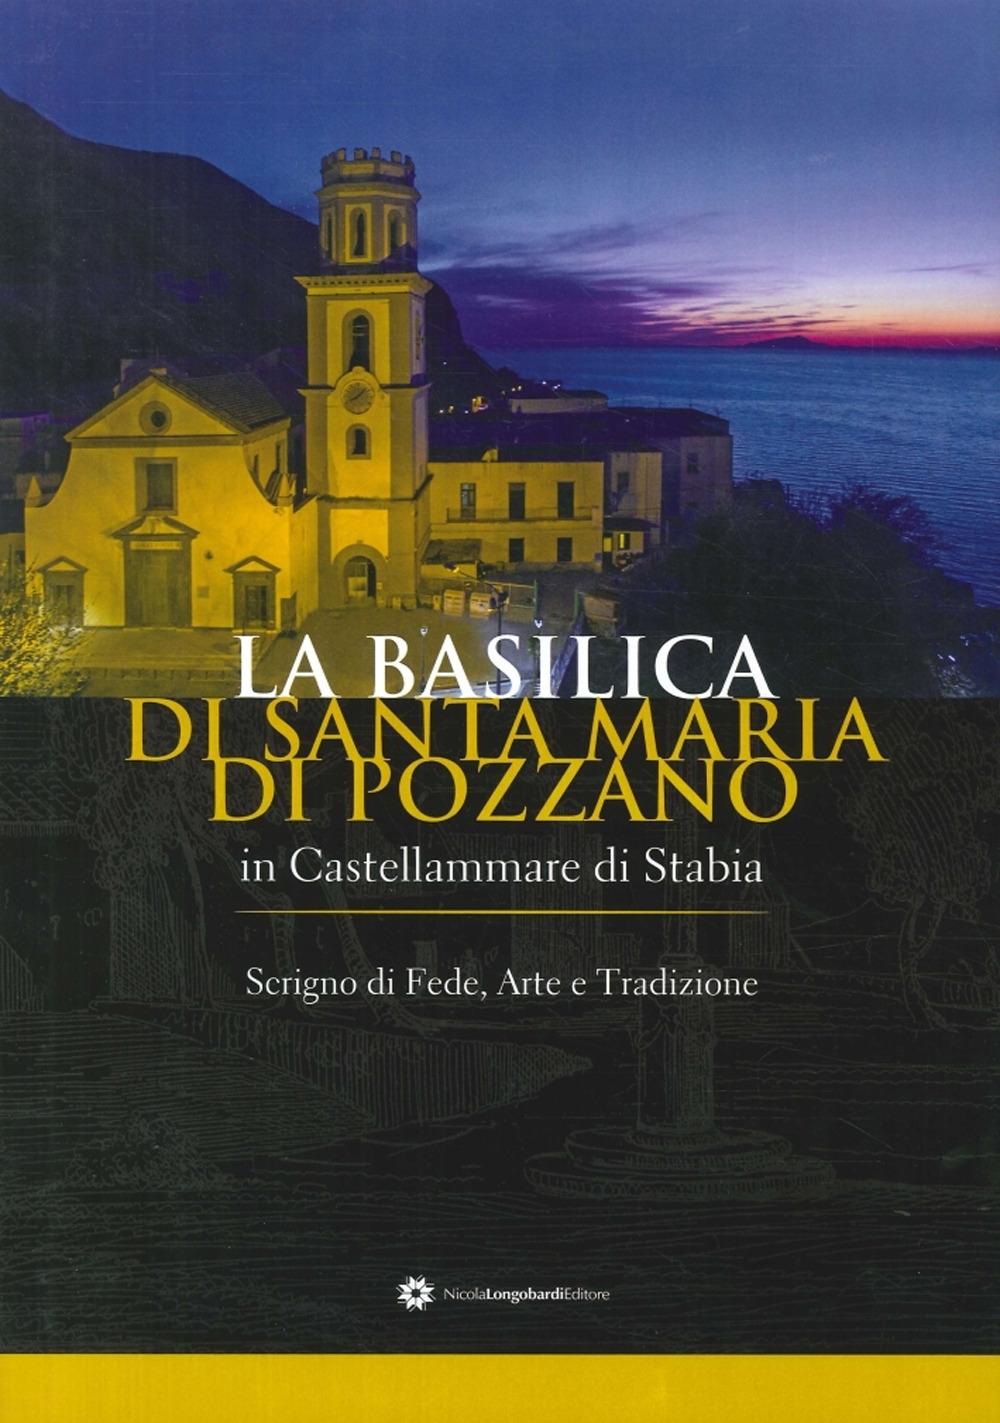 La Basilica di Santa Maria di Pozzano a Castellammare di Stabia. Scrigno di Fede, Arte e Tradizione